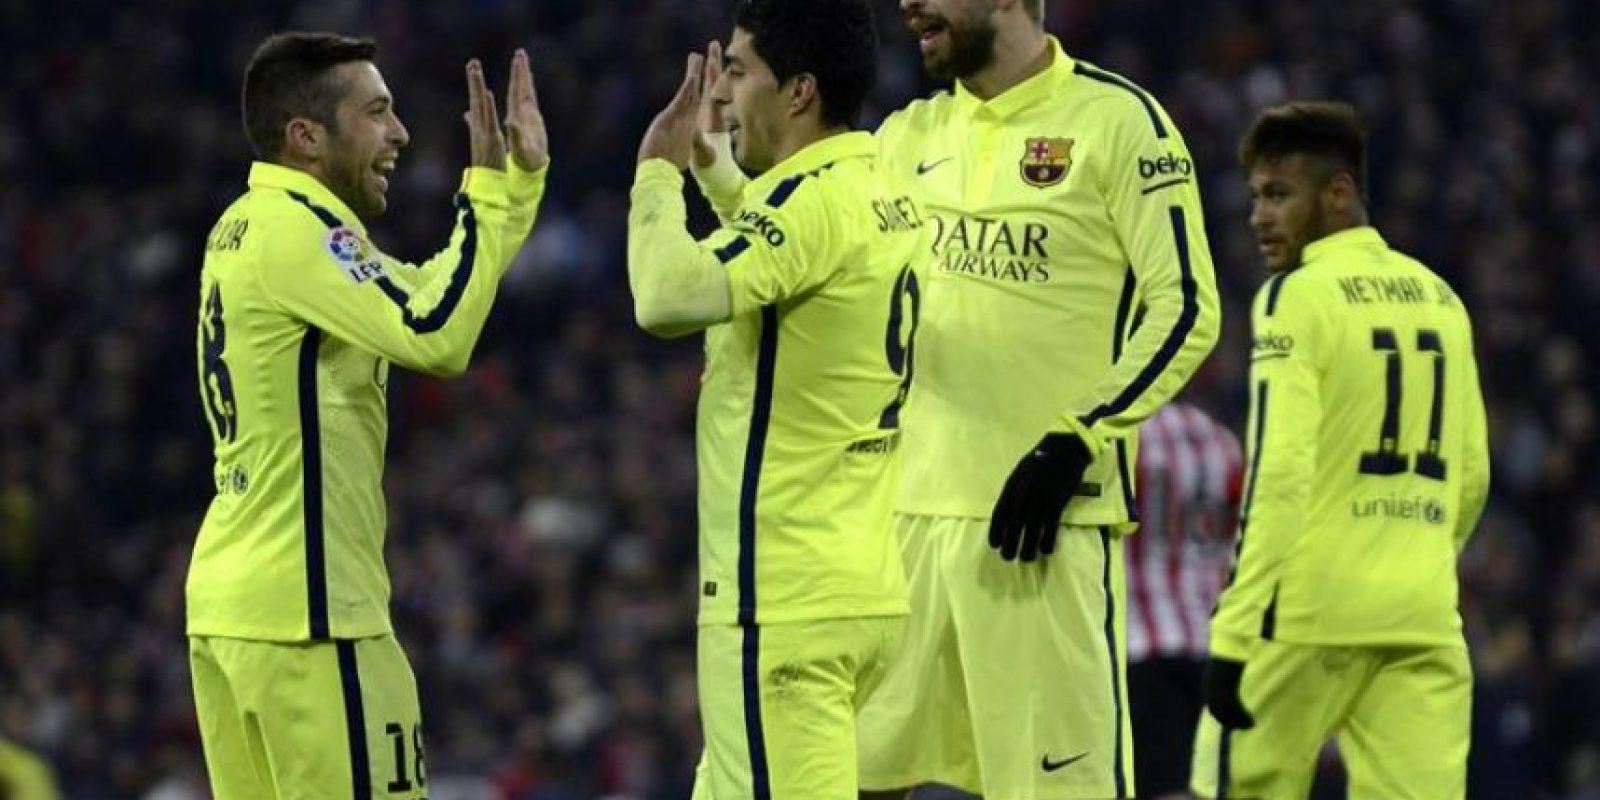 El Barça no tuvo problemas para vencer a domicilio al cuadro vasco. Foto:AFP